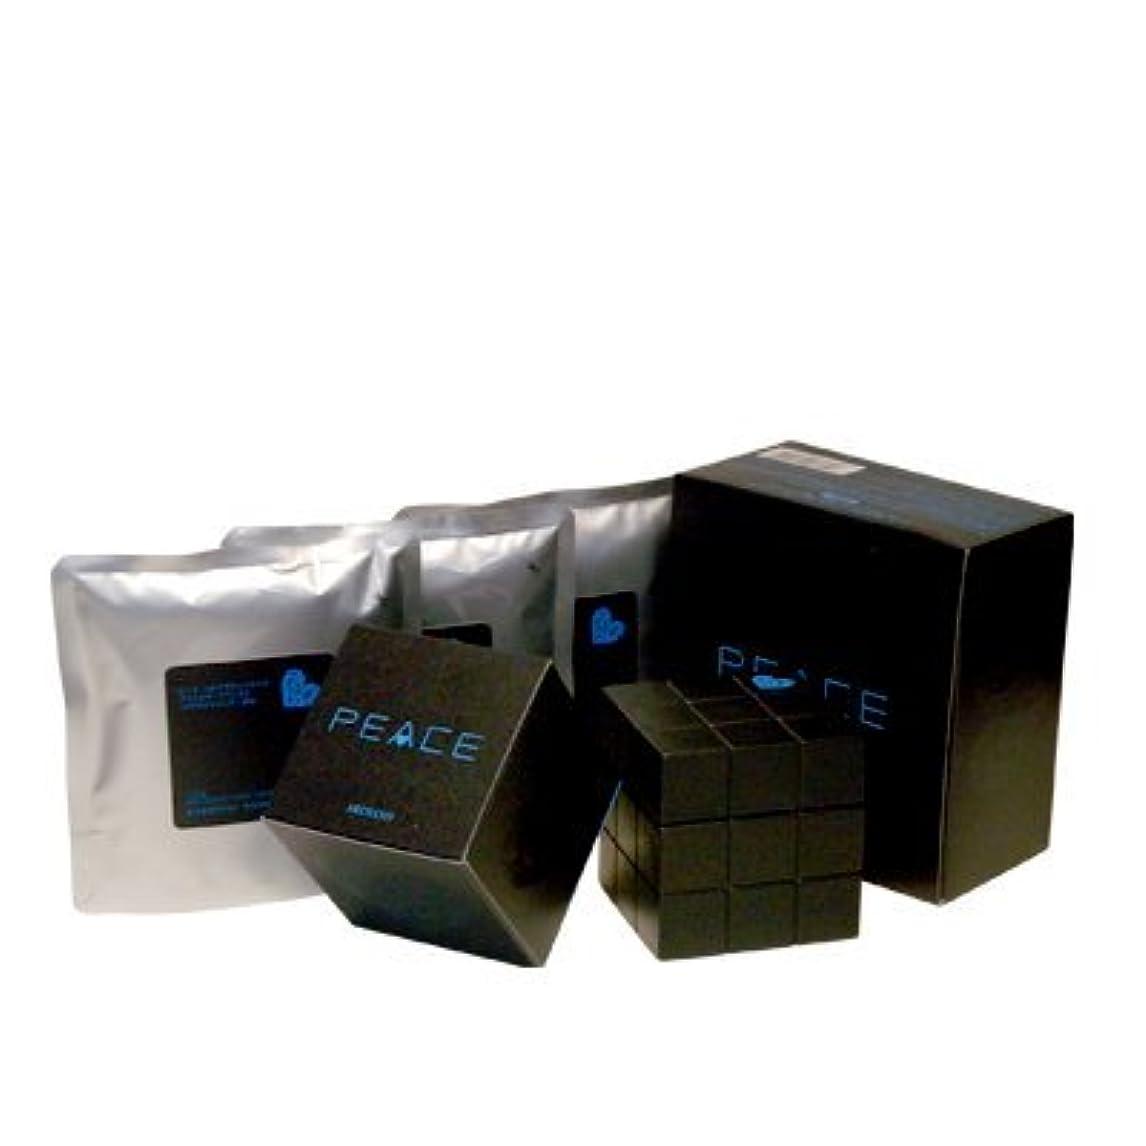 夜間ビヨン残酷アリミノ ピース プロデザインシリーズ フリーズキープワックス ブラック80g+詰め替え80g×3